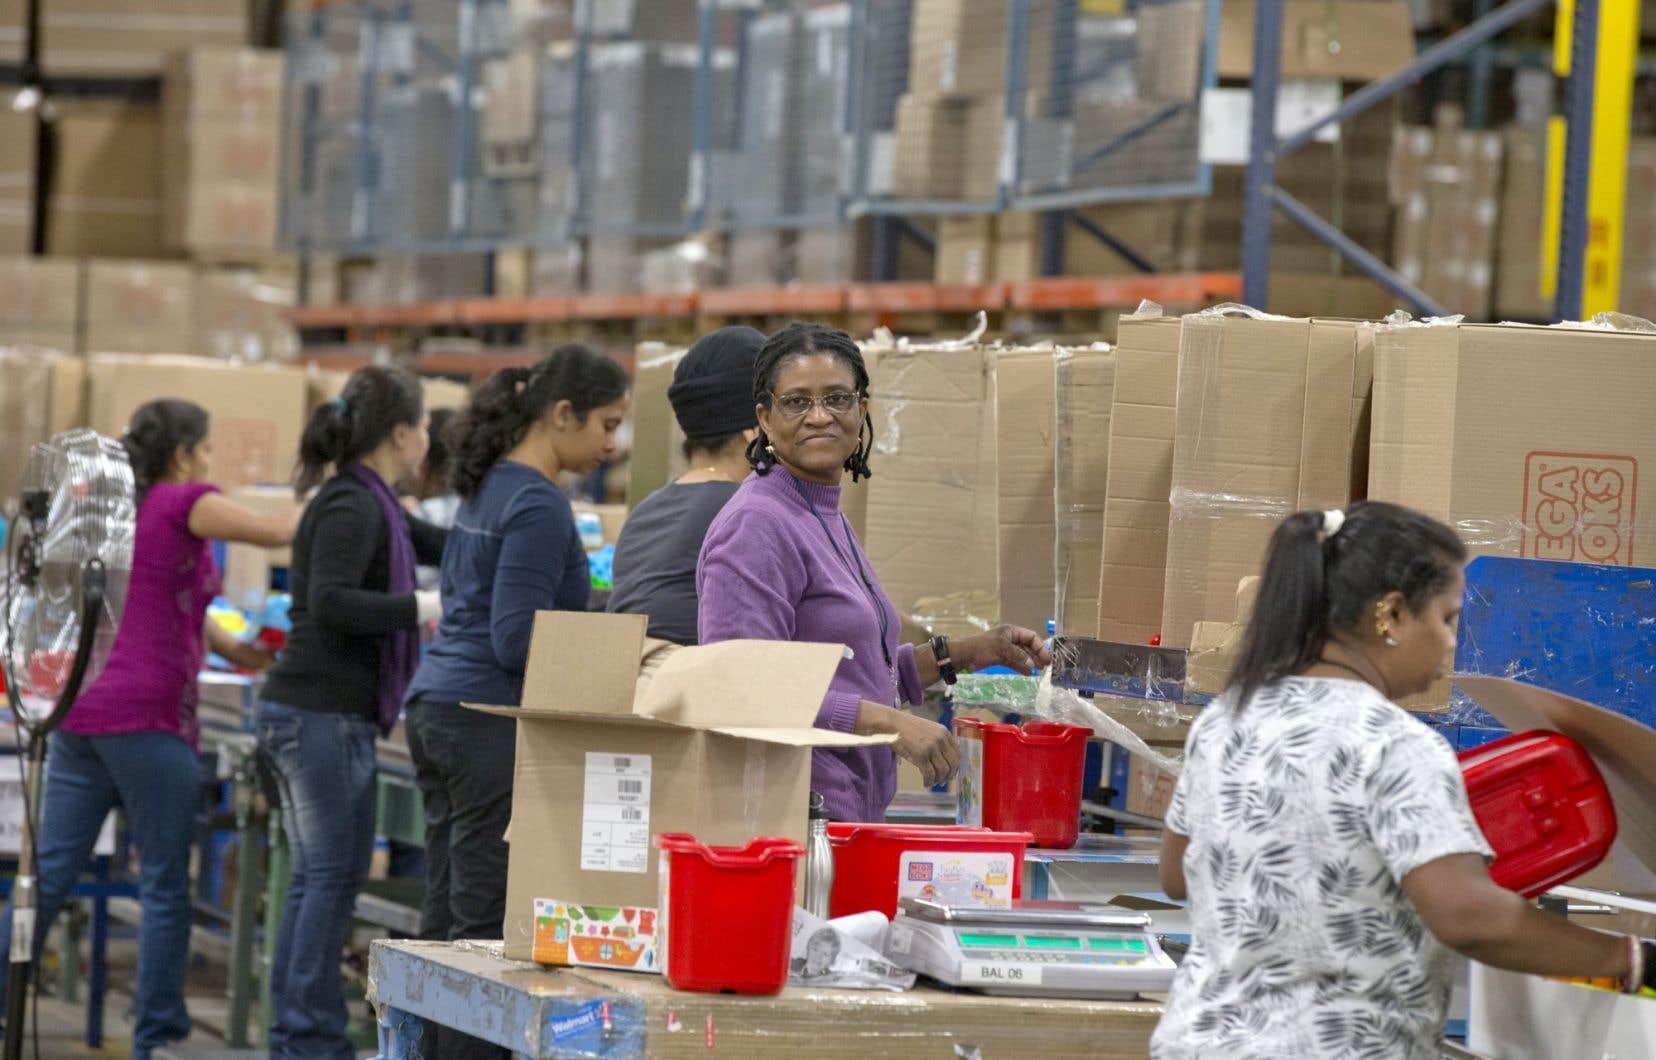 La Coalition avenir Québec estime qu'il faut aider les immigrants à s'intégrer non seulement pour préserver les valeurs québécoises, mais aussi pour ouvrir le marché du travail aux nouveaux arrivants.